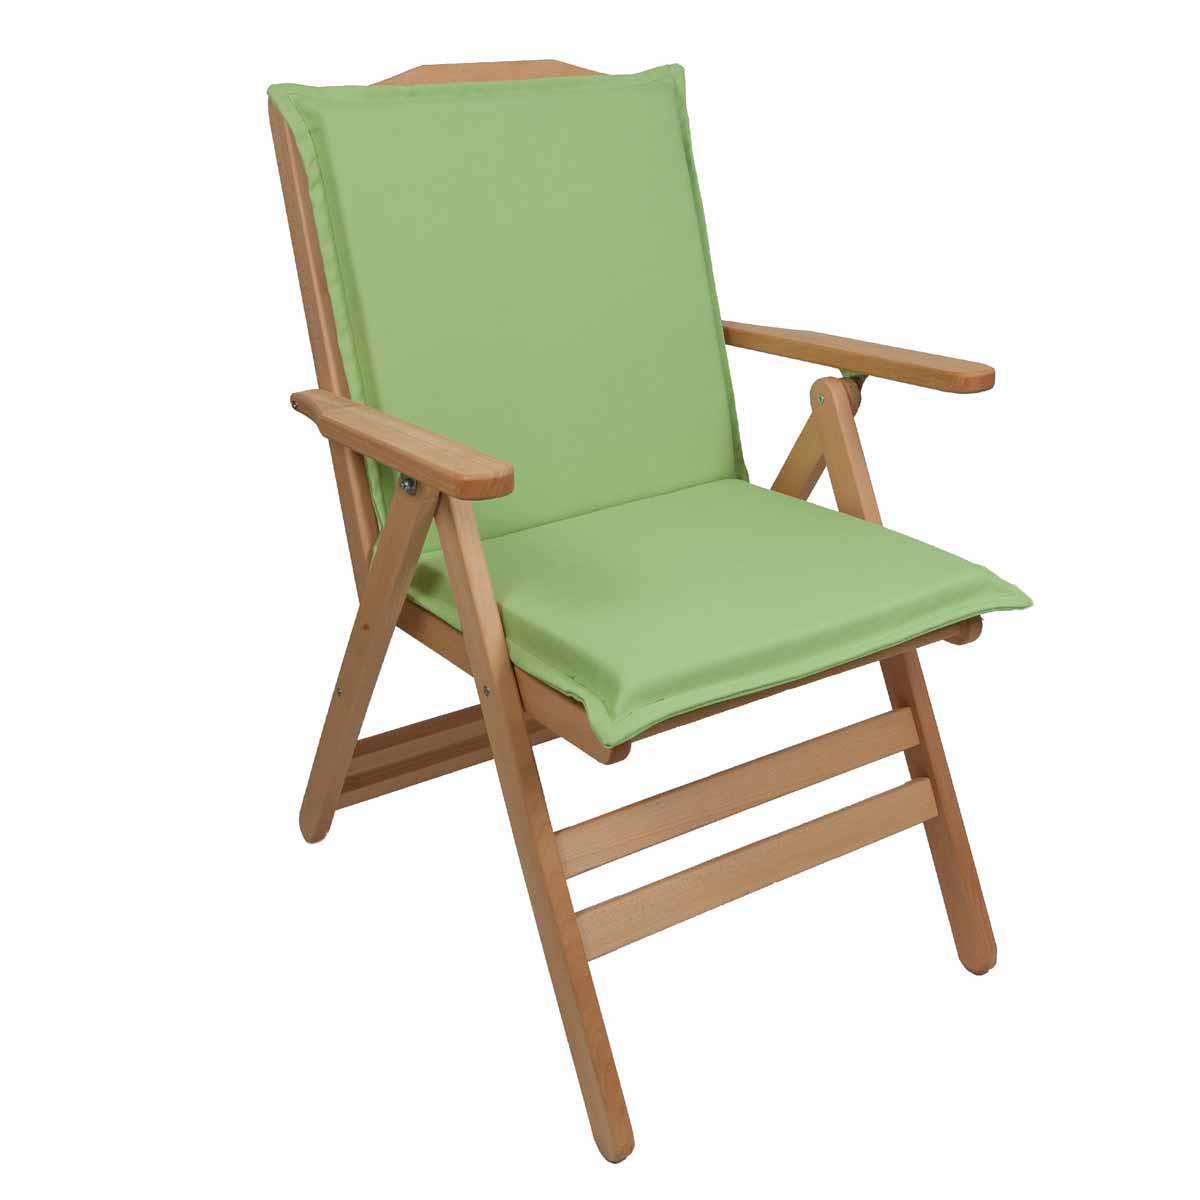 Μαξιλάρι Καρέκλας Με Πλάτη 92cm Be Comfy Green 206